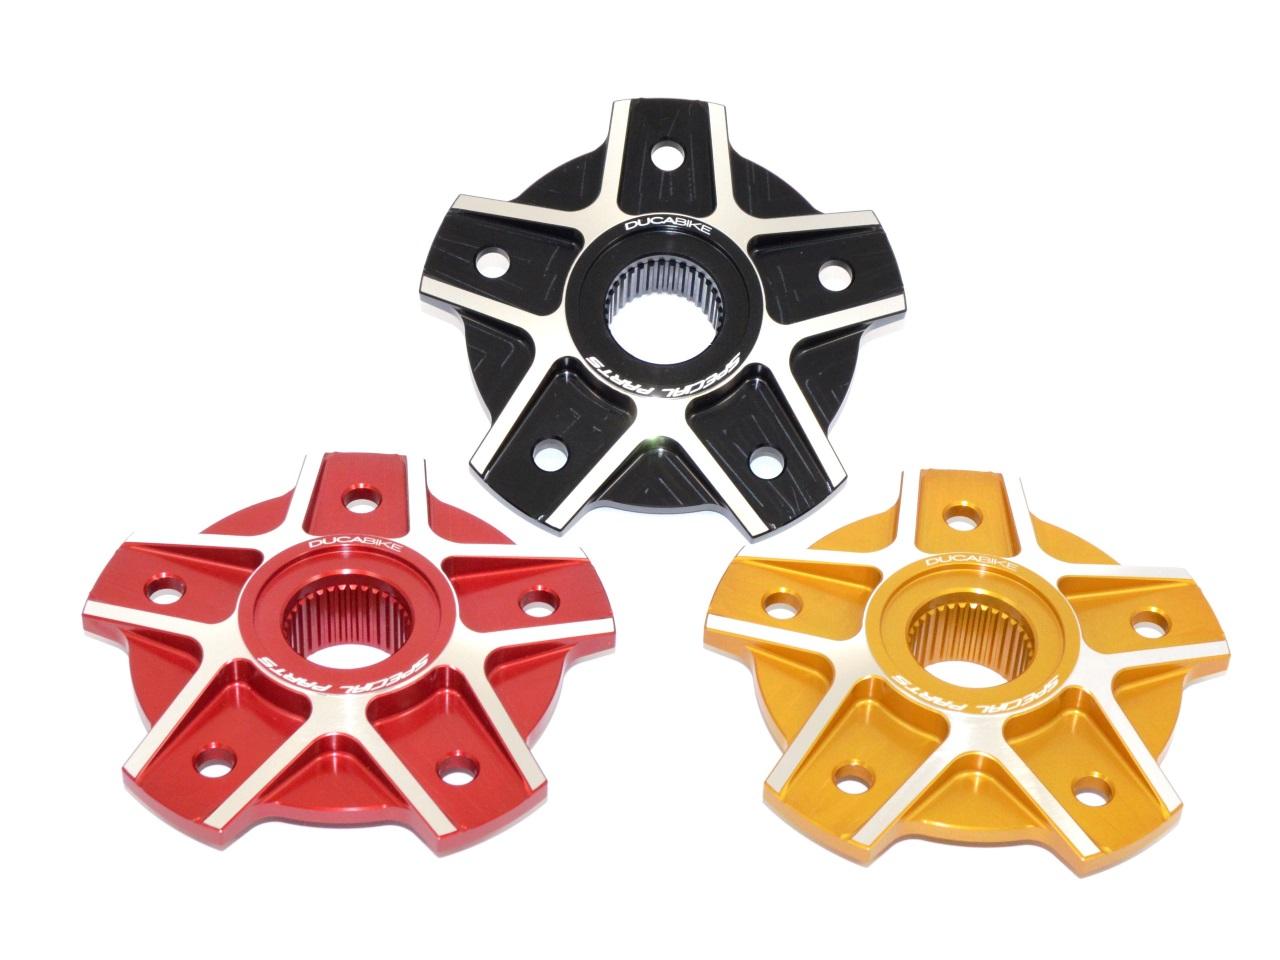 【DUCABIKE】後齒盤法蘭盤 五角形設計